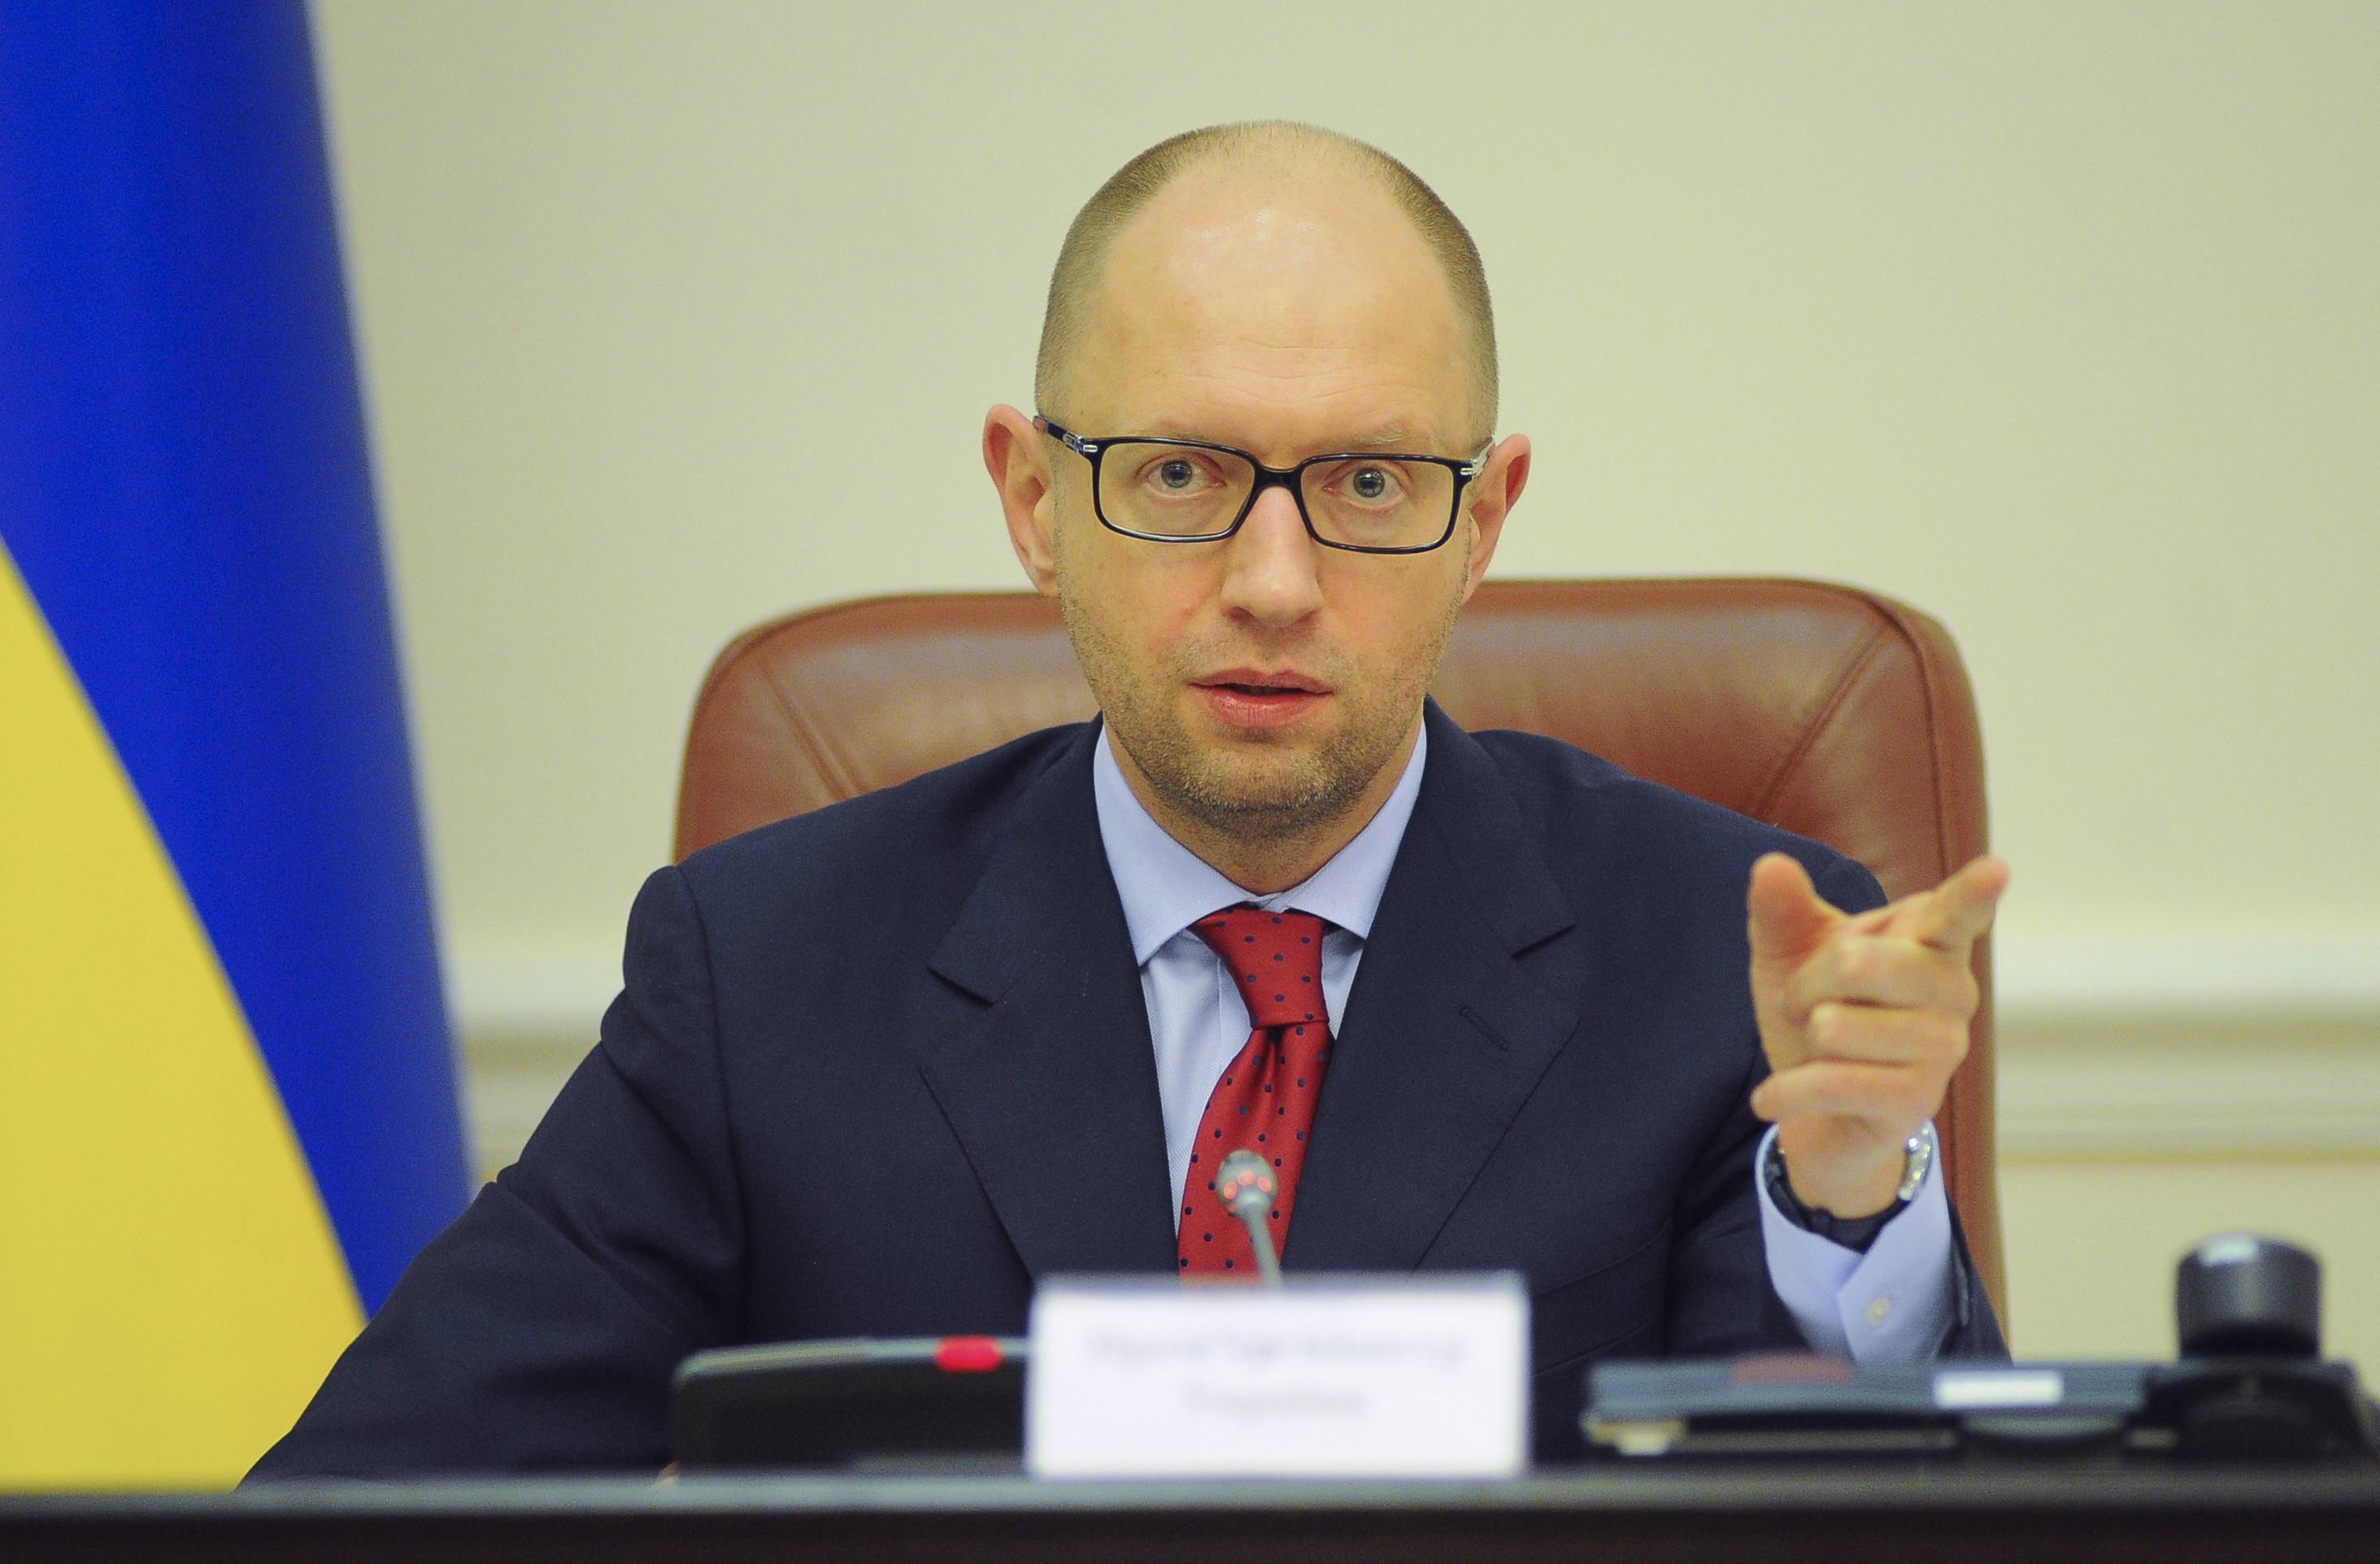 Курс в 21,7 грн/$ является излишне оптимистичным, - Яценюк